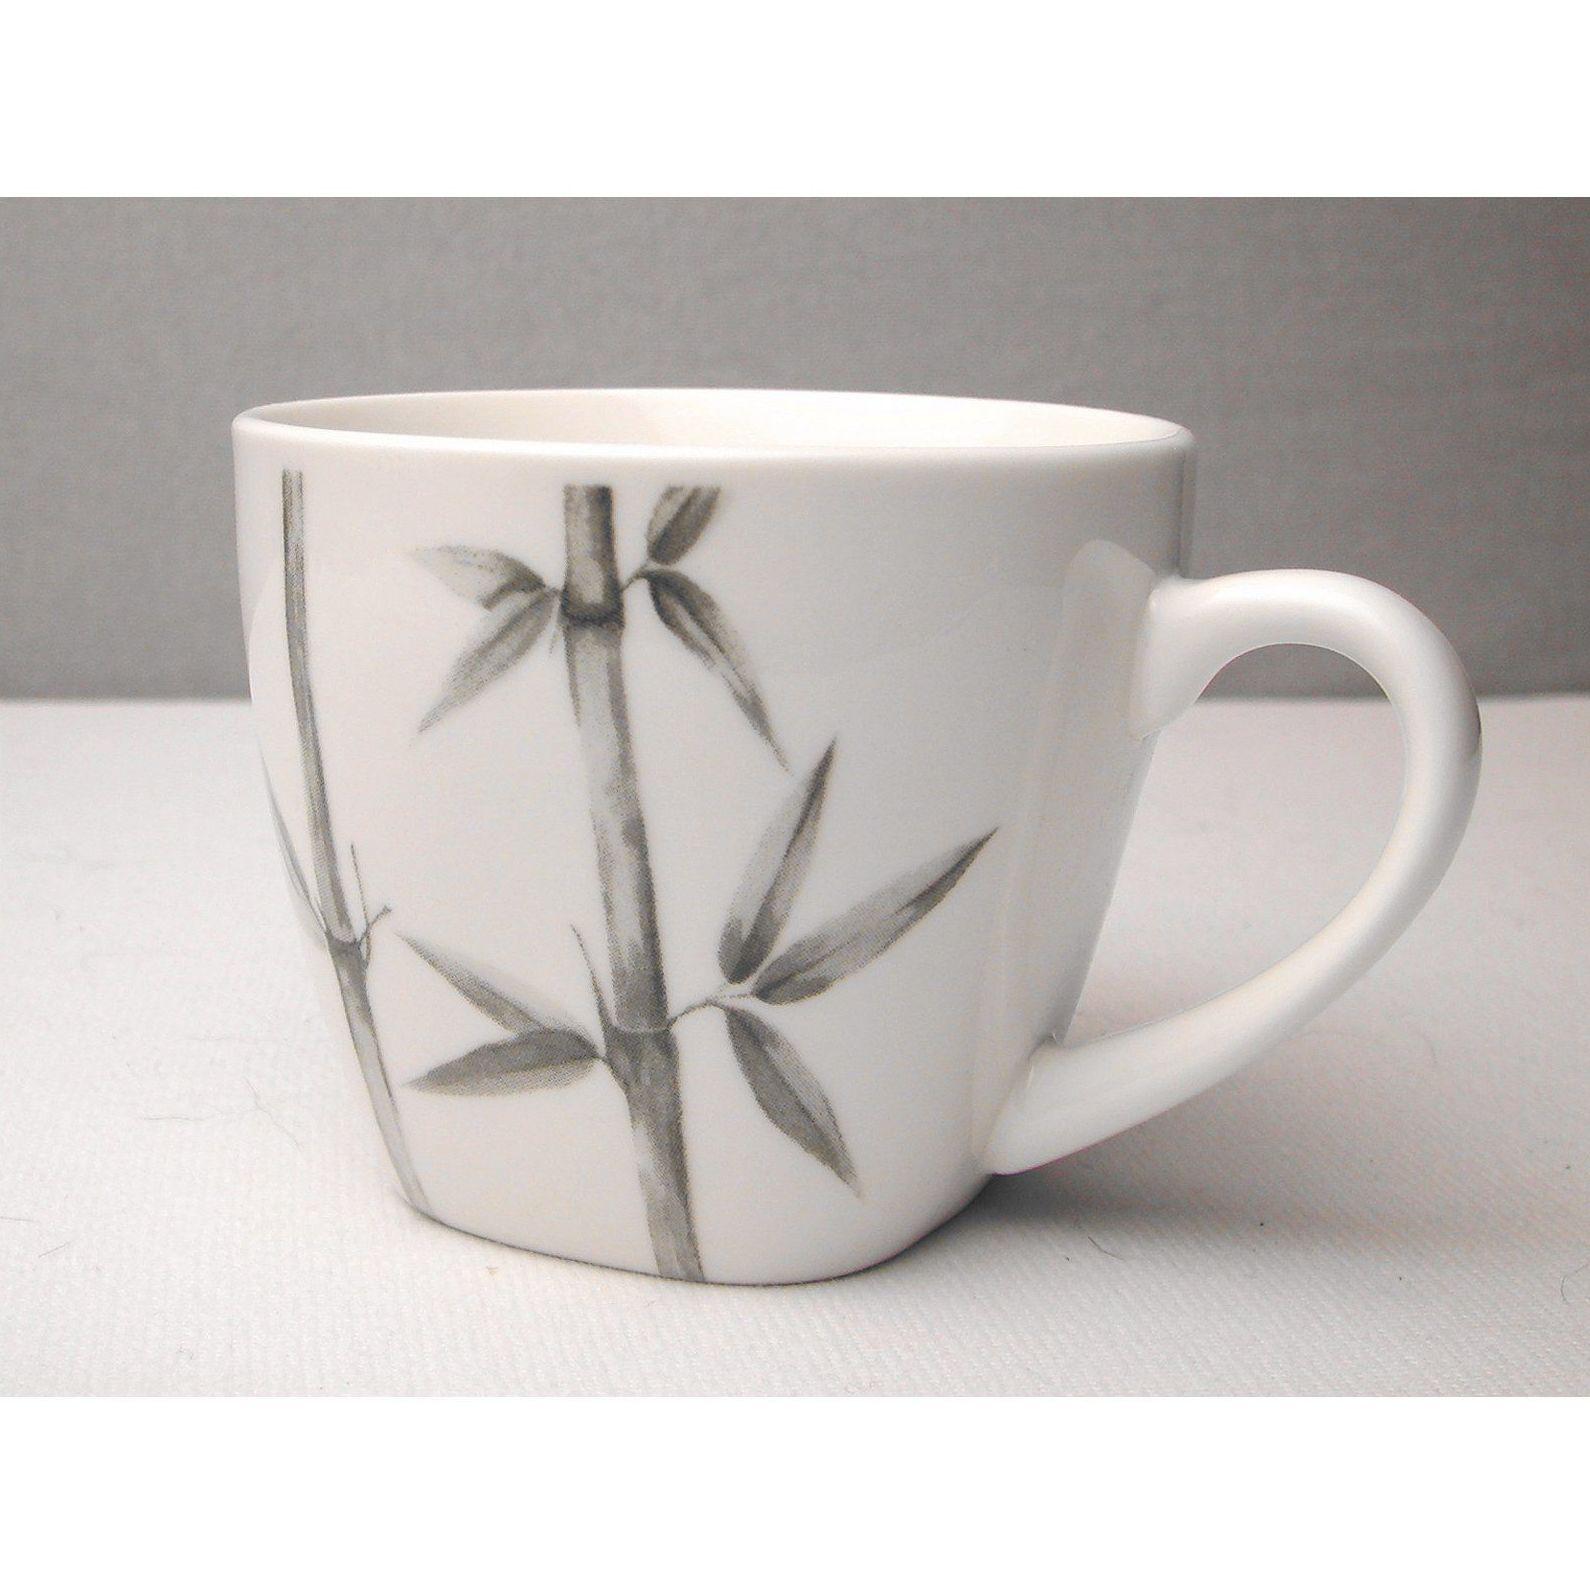 Artículos de cerámica: Productos de Don Arte